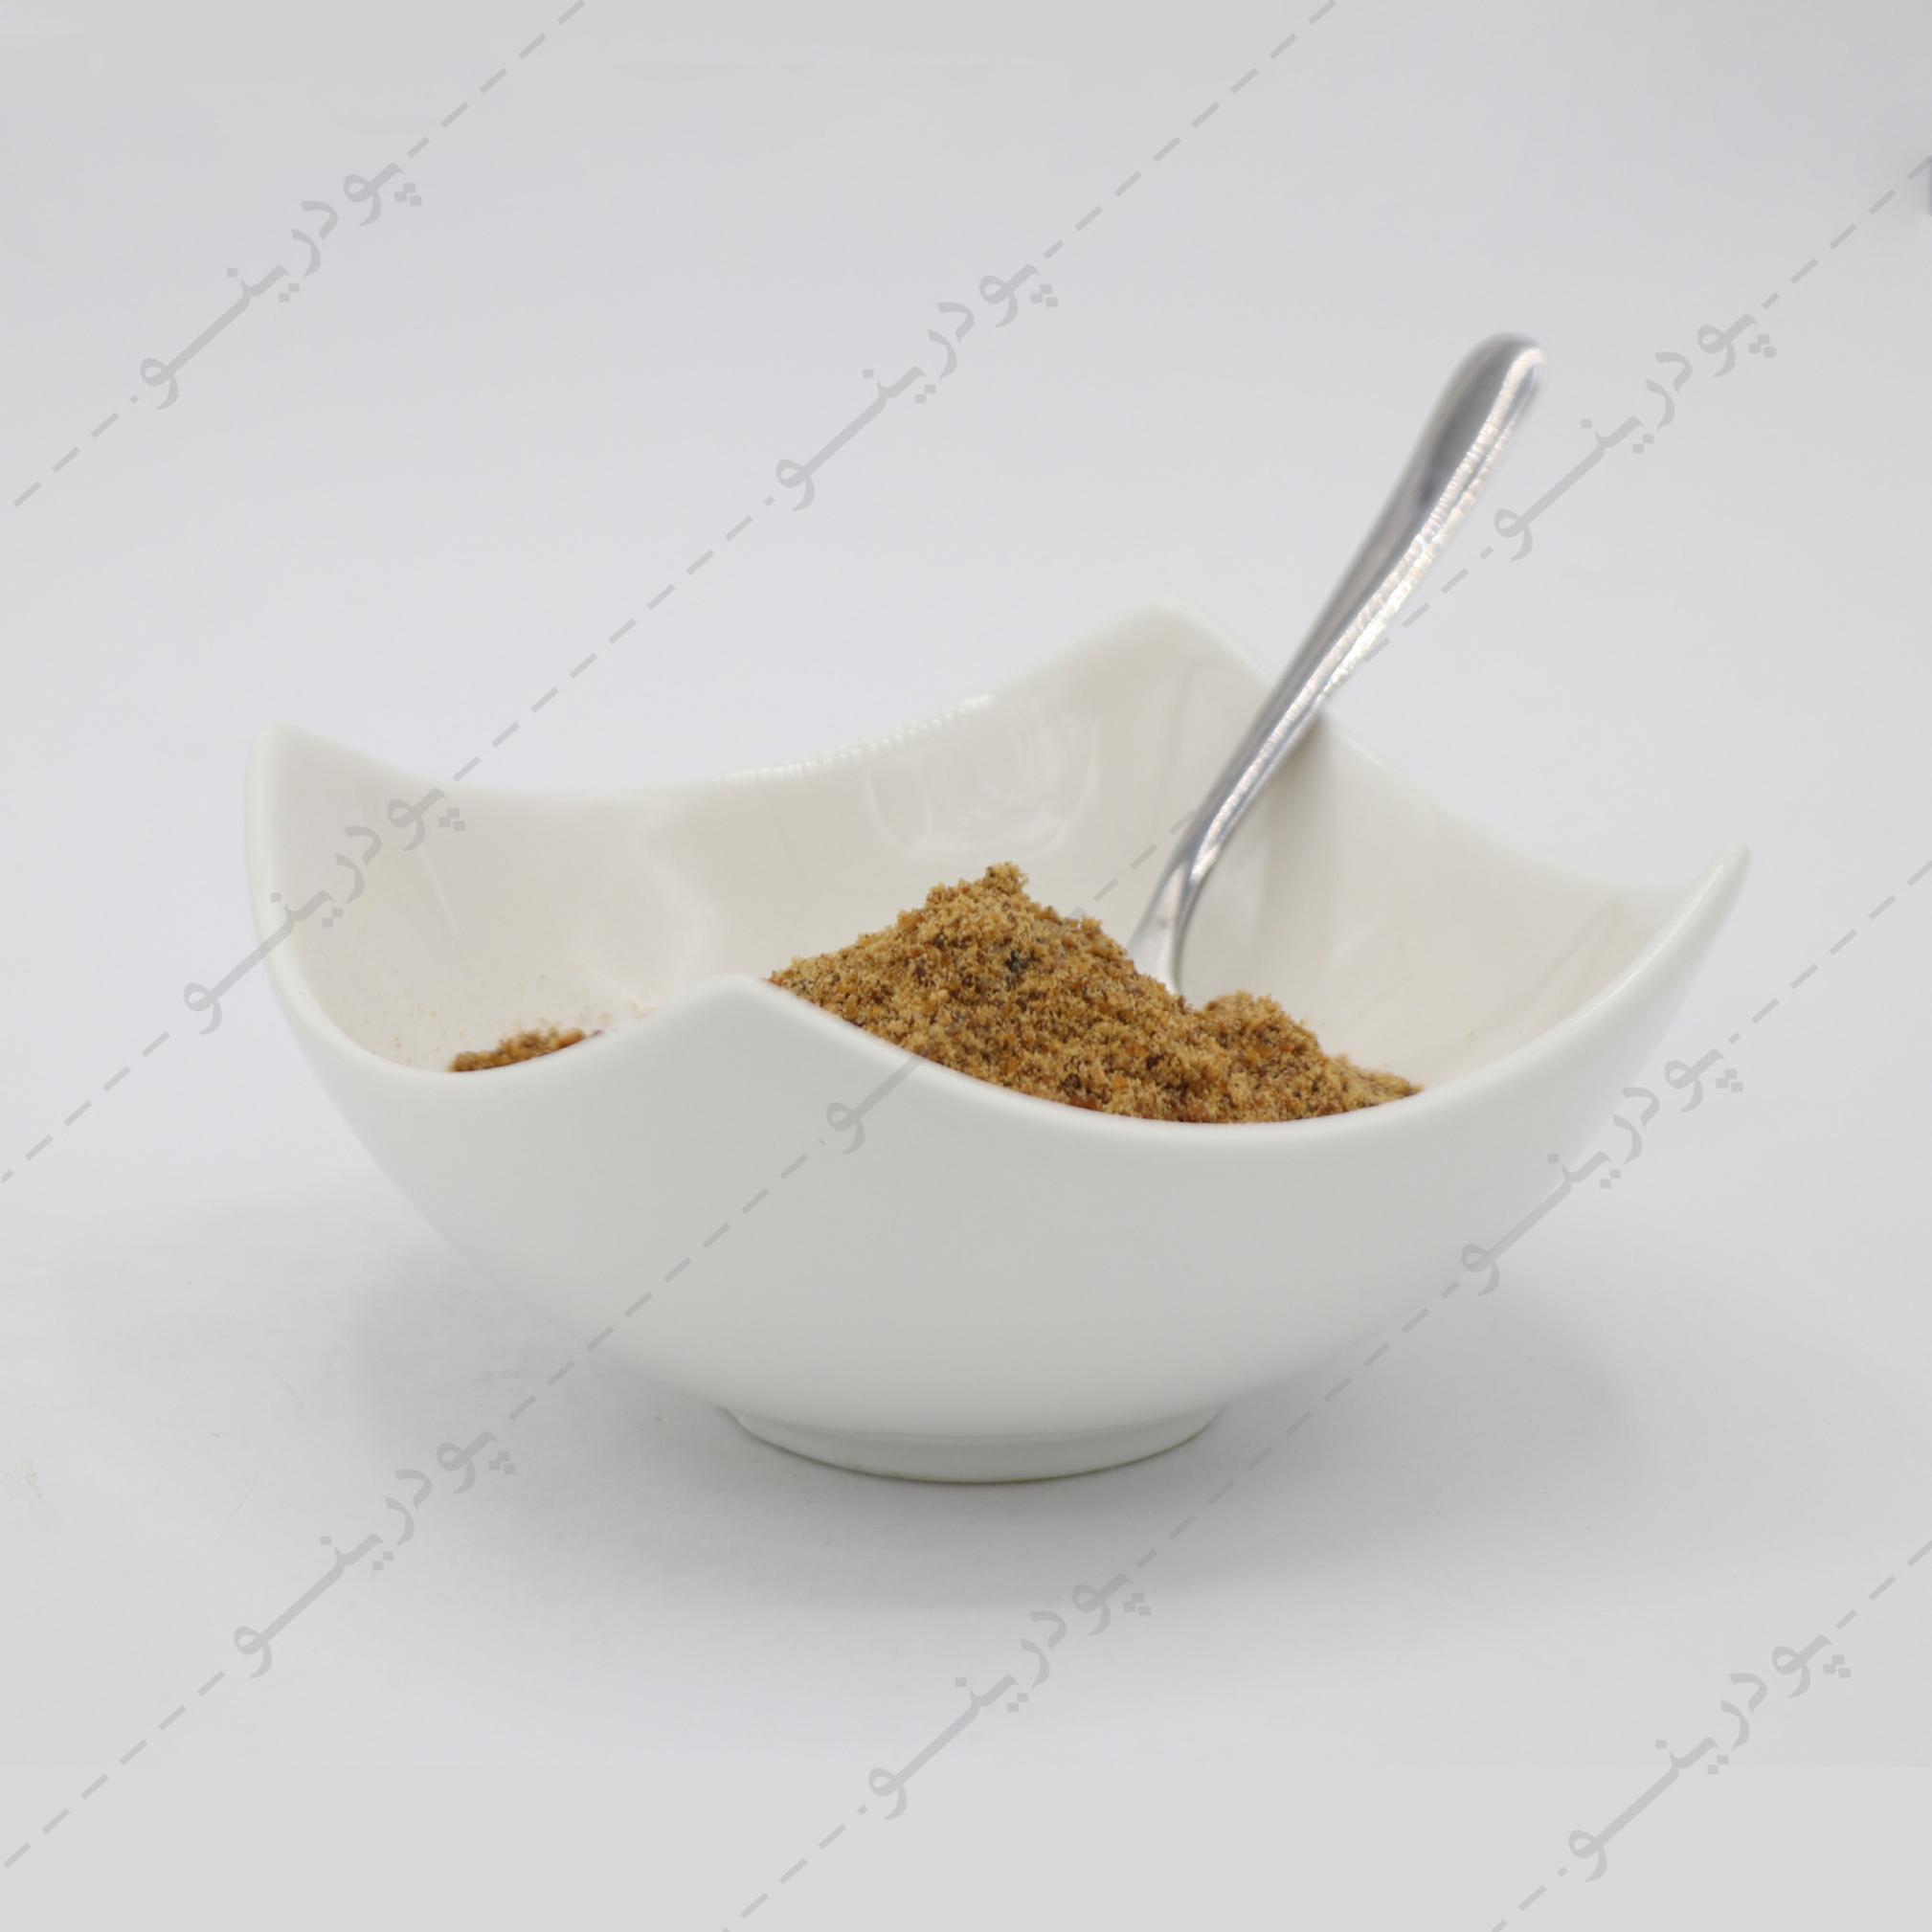 طرز تهیه کیوی خشک